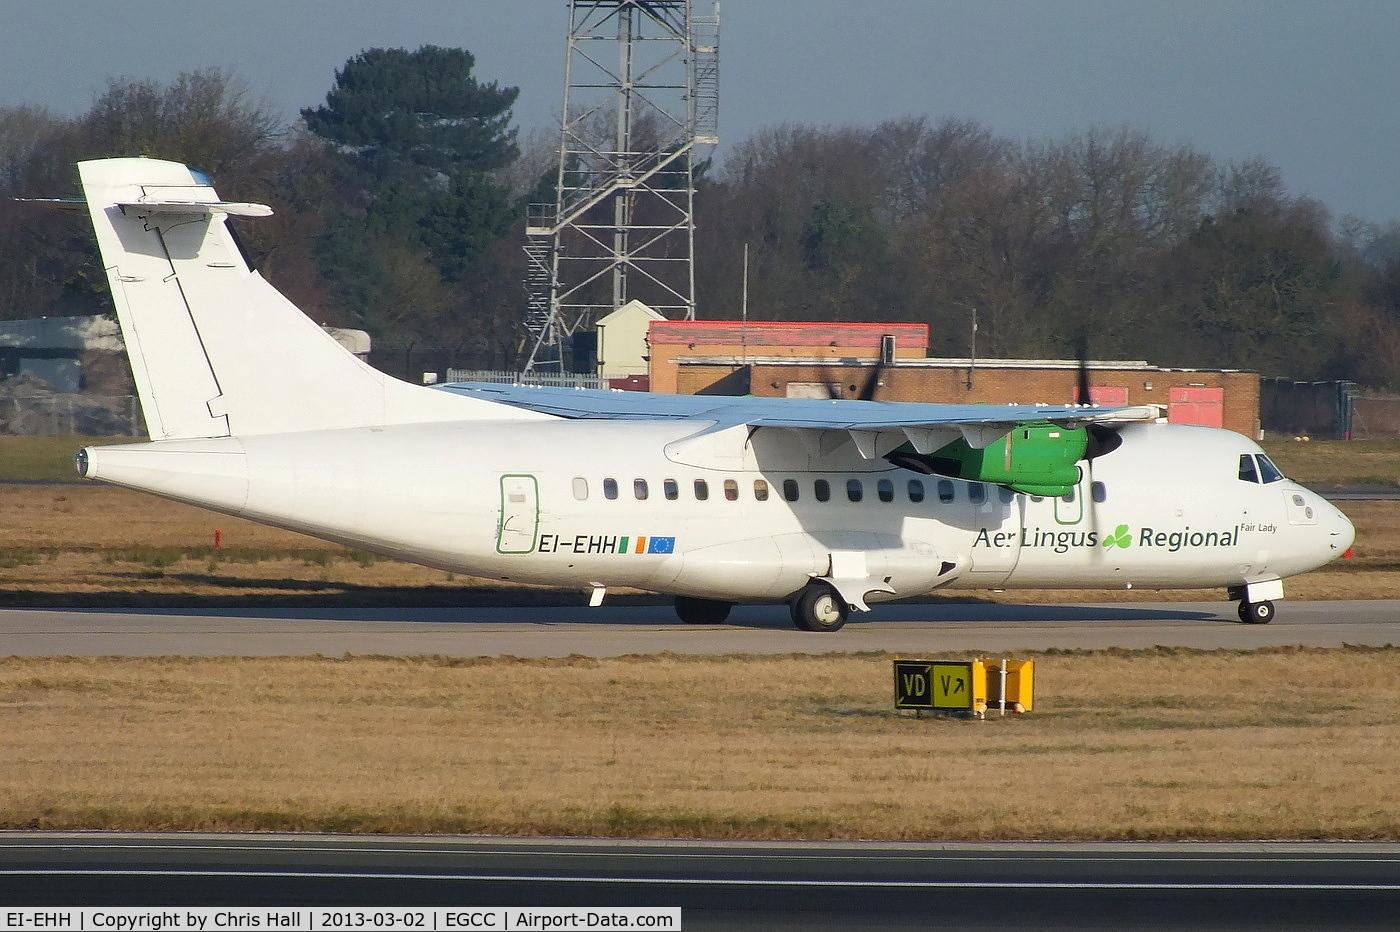 EI-EHH, 1990 ATR 42-300 C/N 196, now wearing Aer Lingus Regional titles